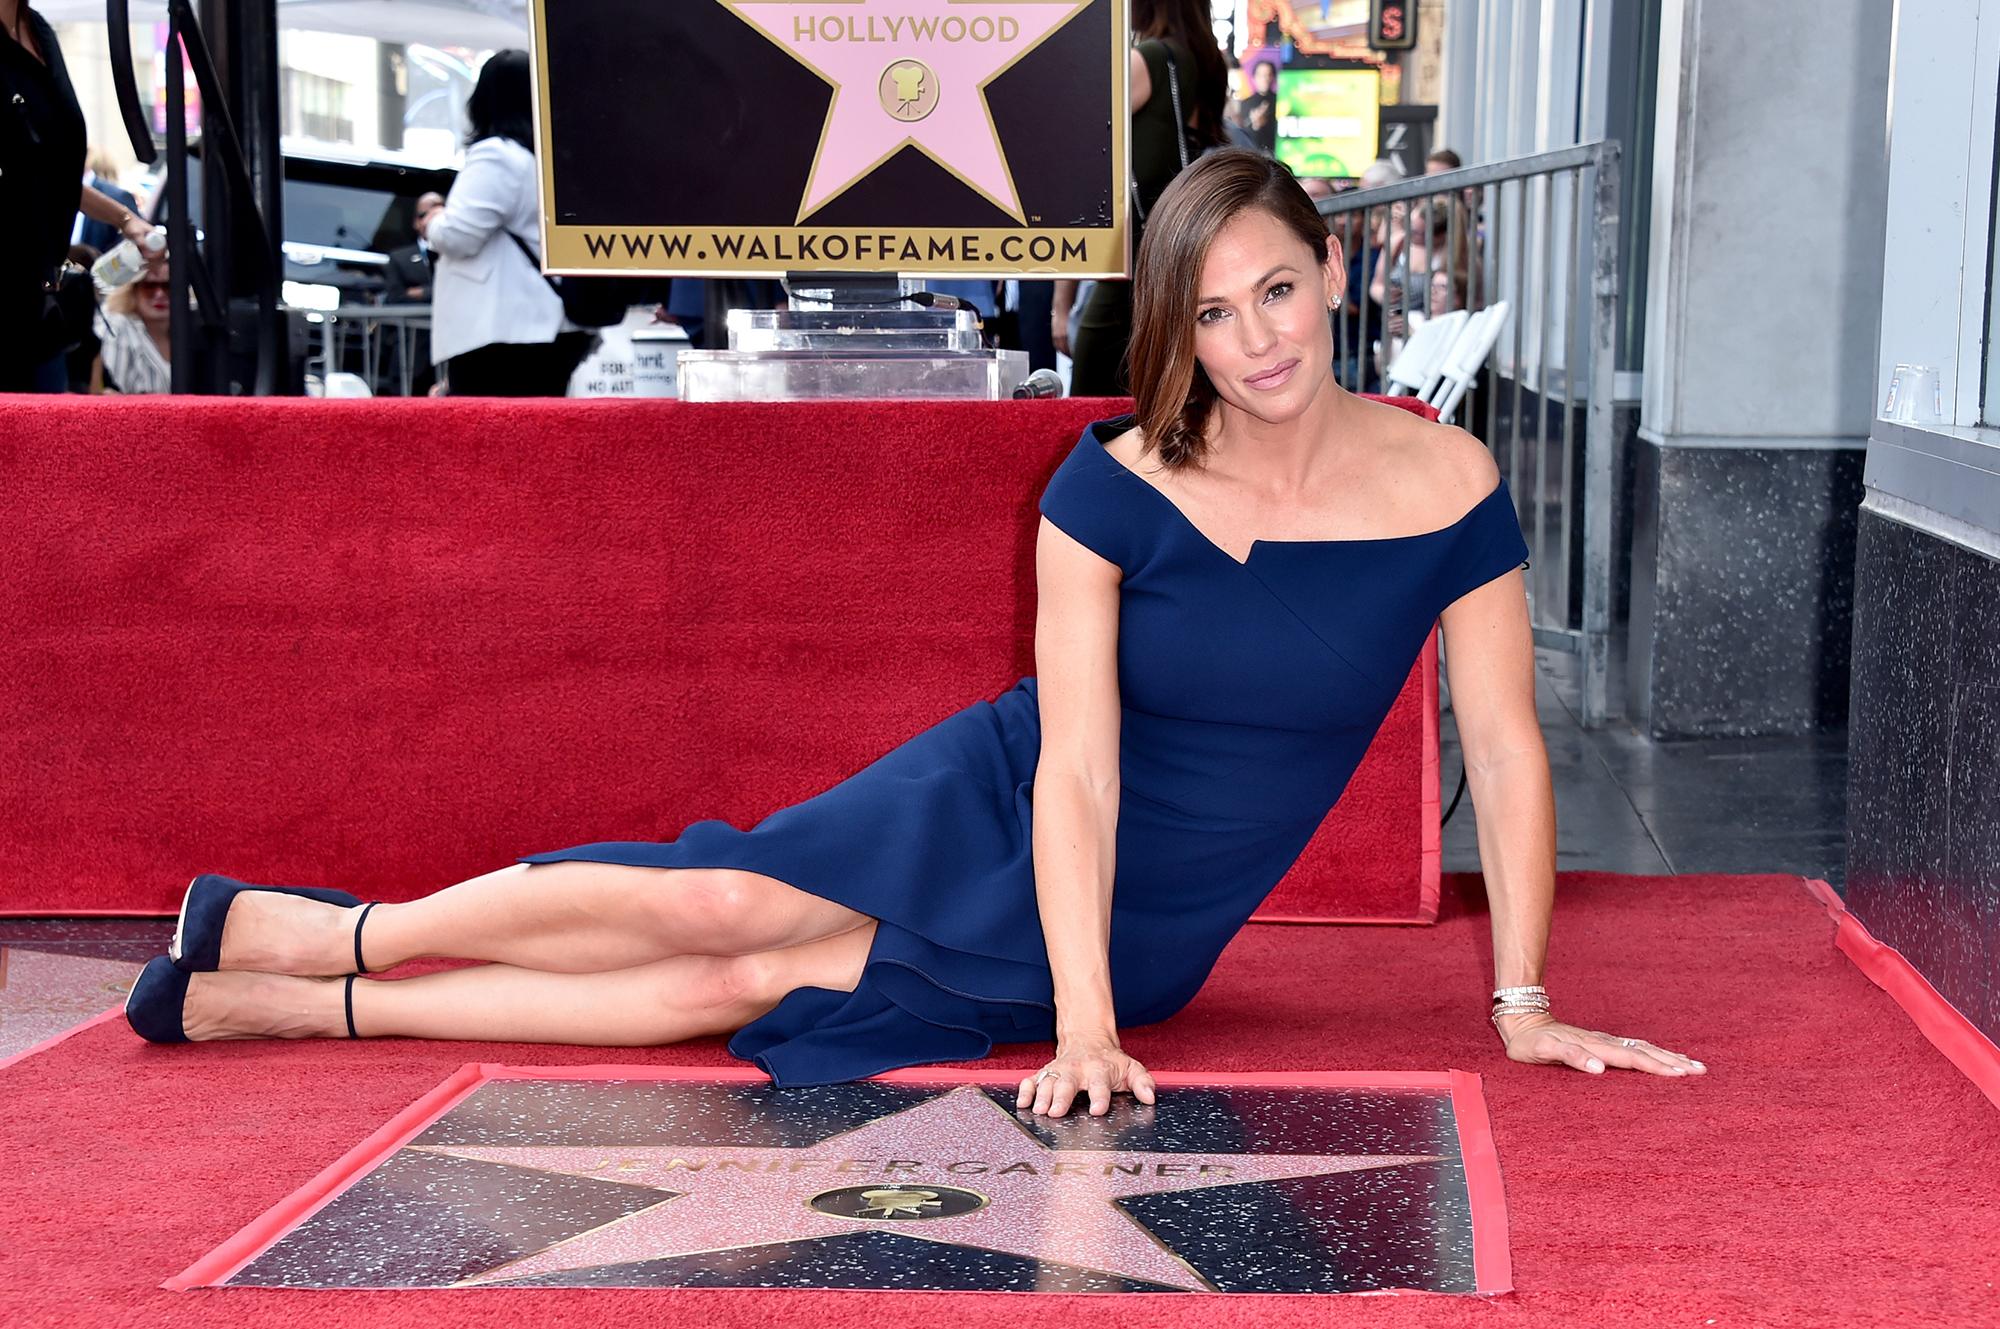 Jennifer Garner Gets Hollywood Walk of Fame Star Amid Ben Affleck